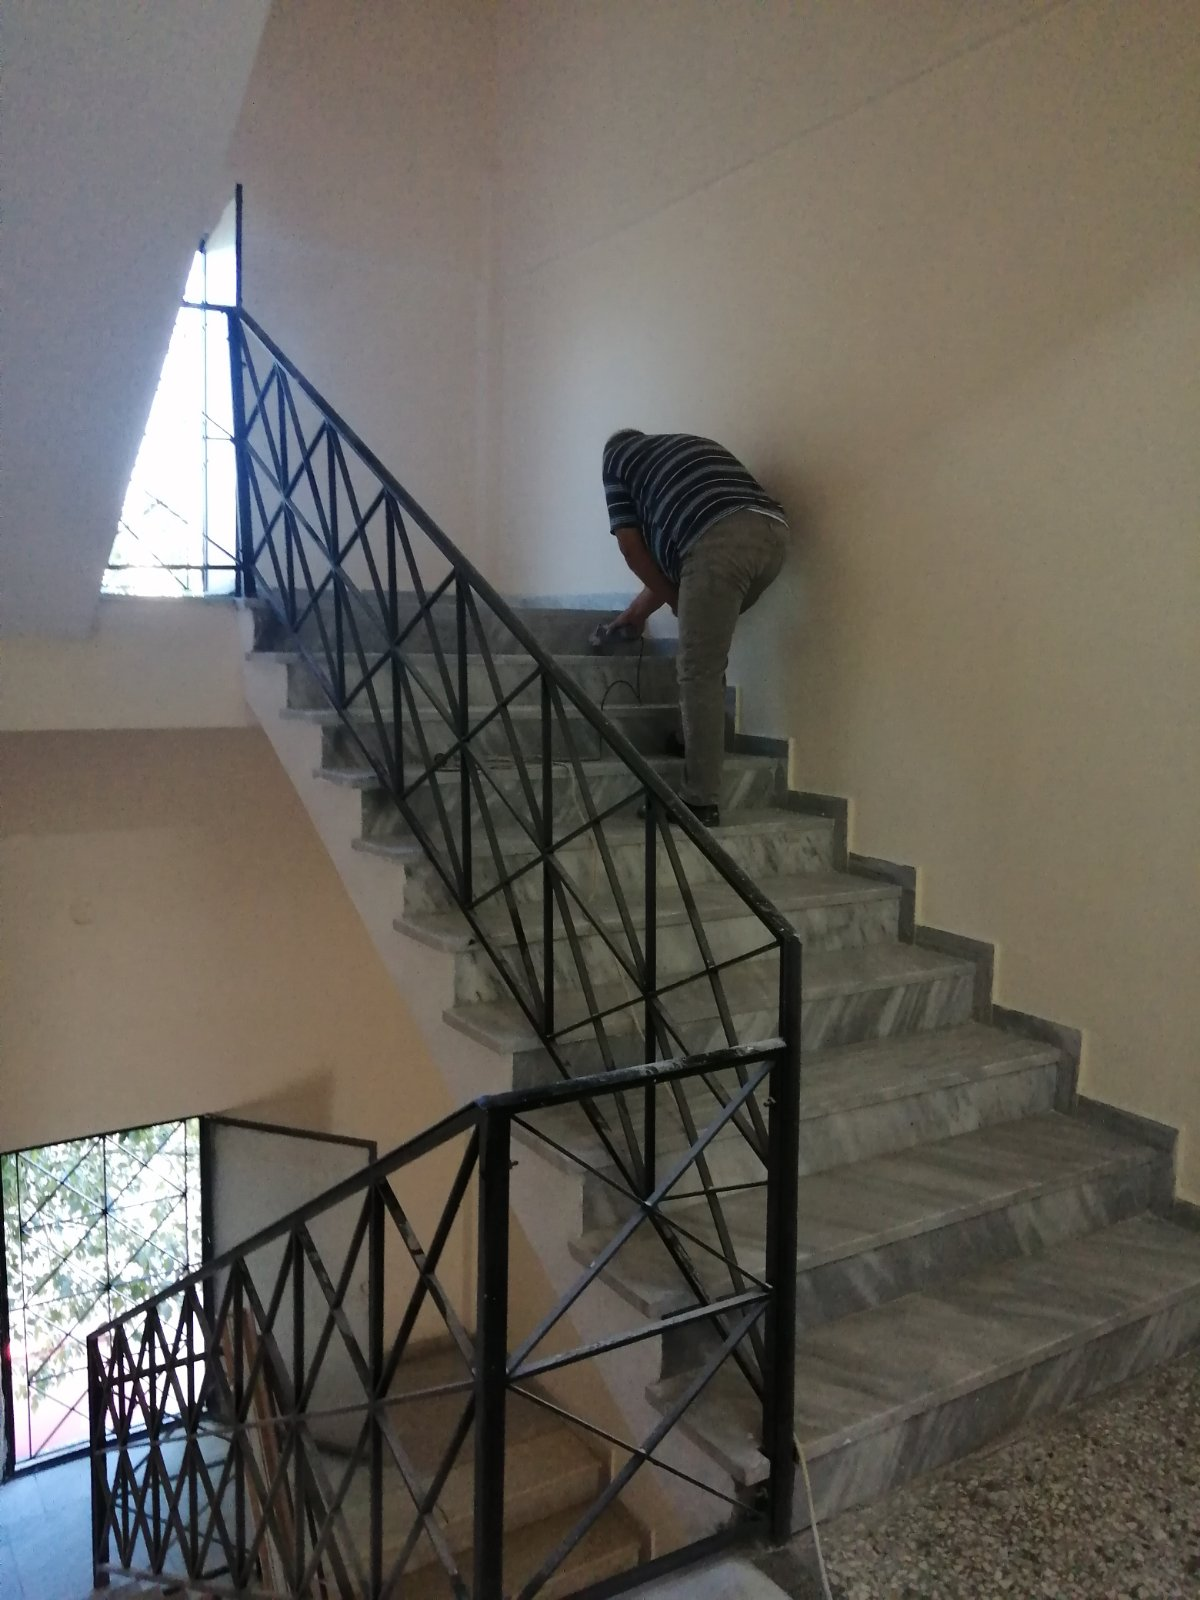 Συνεχίζονται τα έργα ανάπλασης του Δήμου Ανδραβίδας-Κυλλήνης- «Non-Stop» Αντιδήμαρχοι (photos)